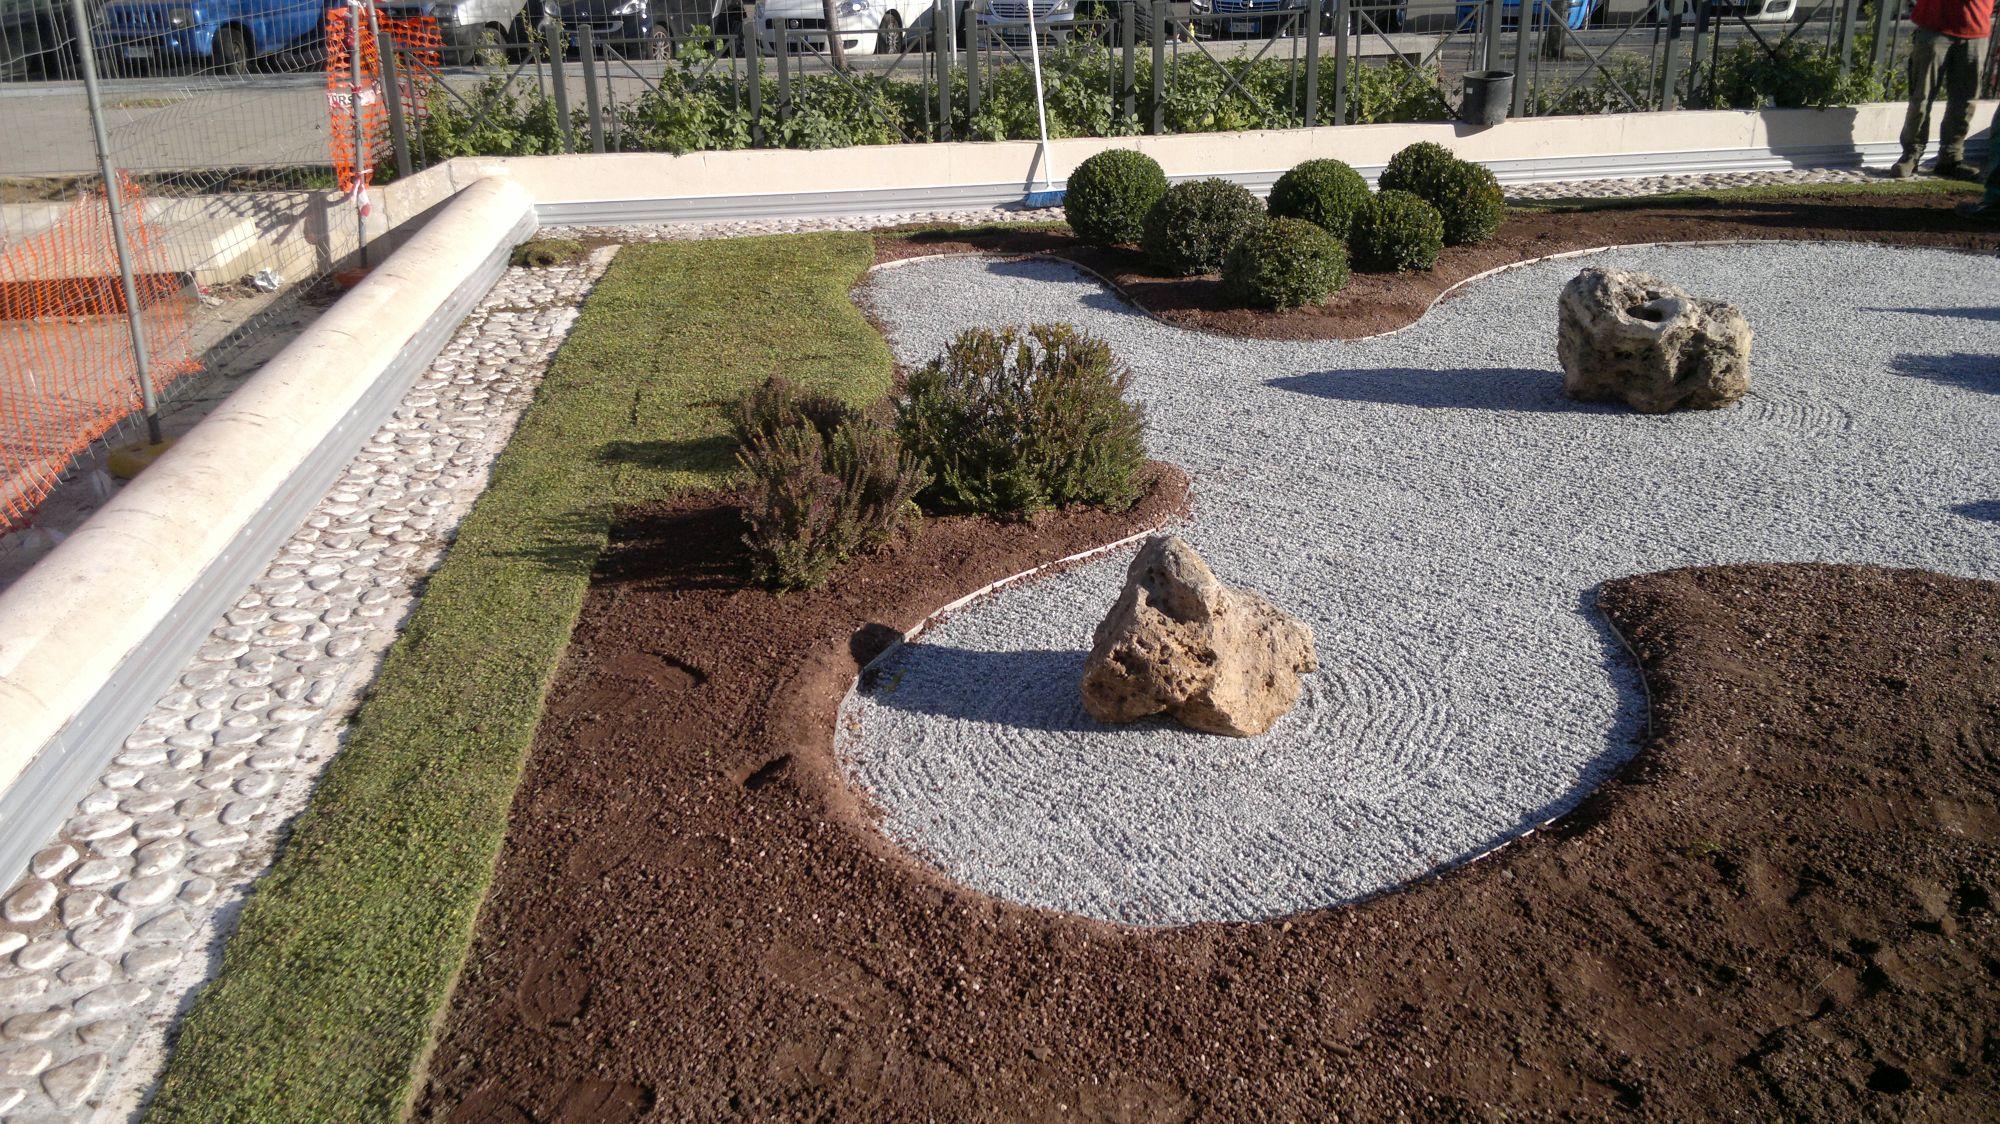 Municipio v oggi del giardino zen di viale agosta with come realizzare un giardino - Realizzare un giardino ...